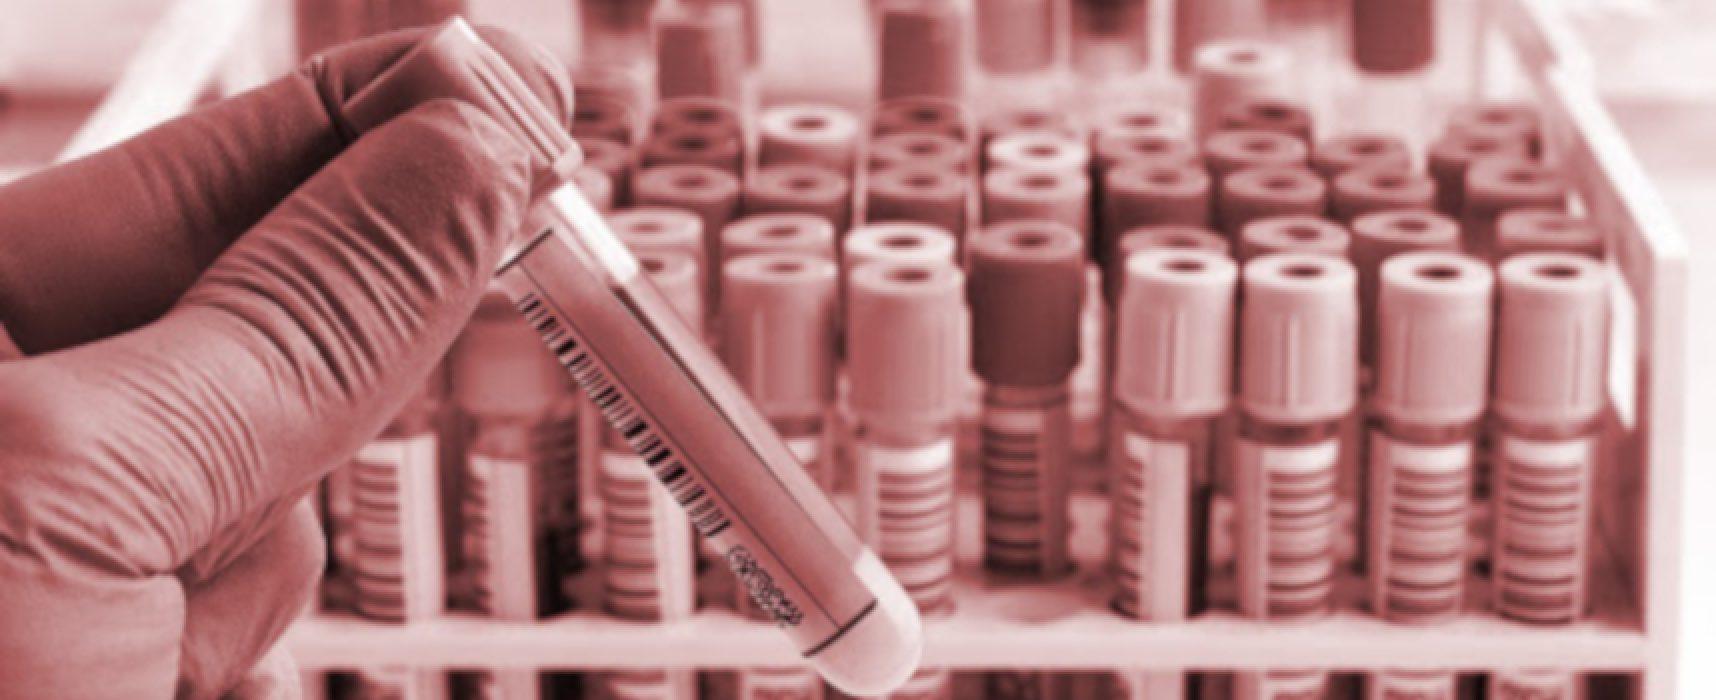 Coronavirus, aggiornamento odierno: nuovi 5 casi nella Bat e altri 5 decessi in Puglia